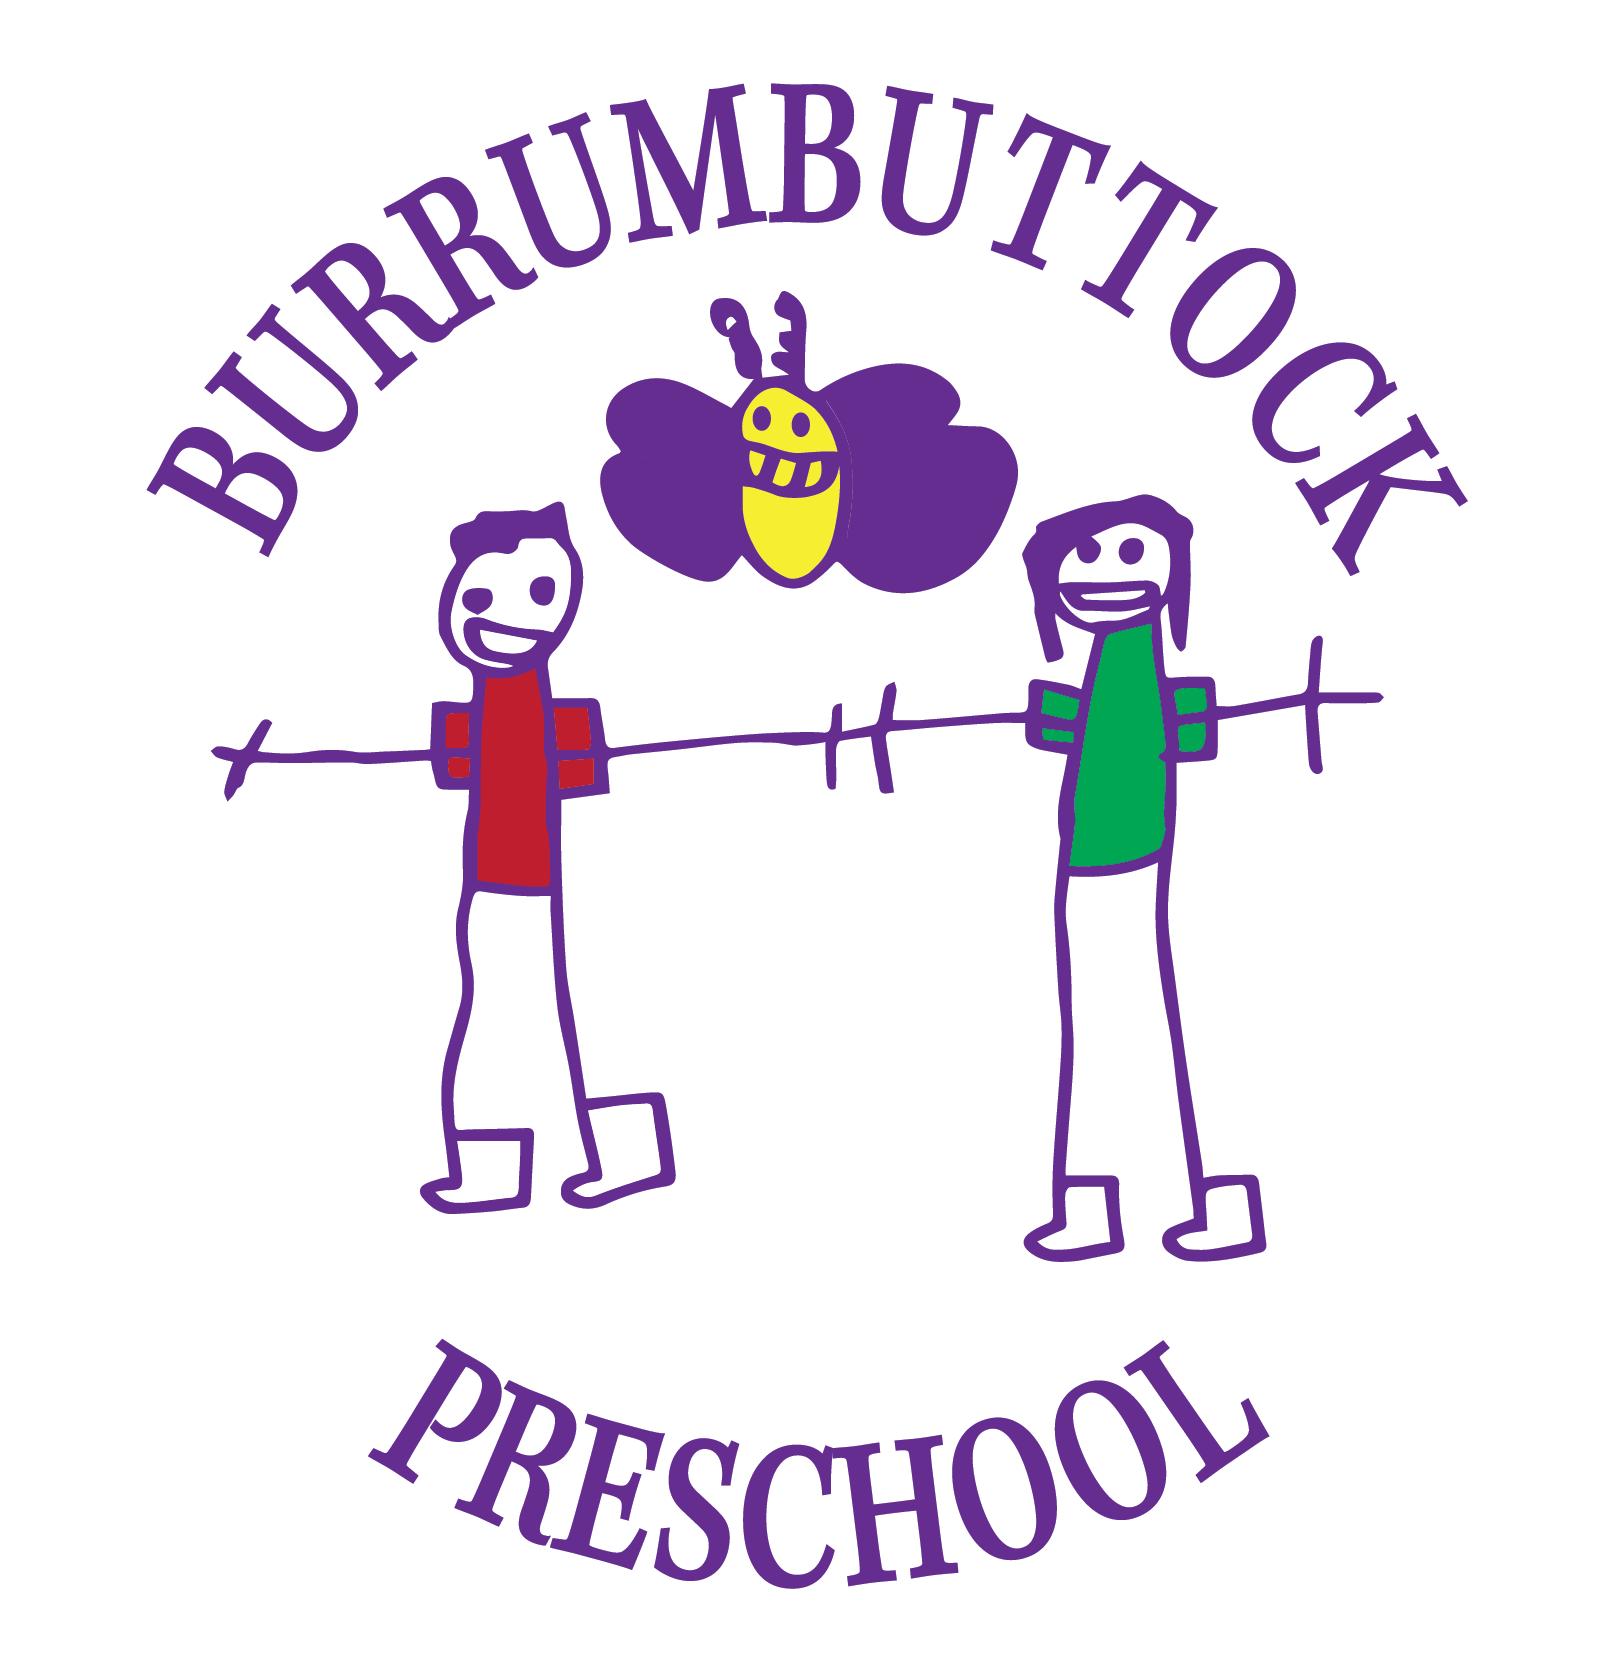 Burrumbuttock Preschool